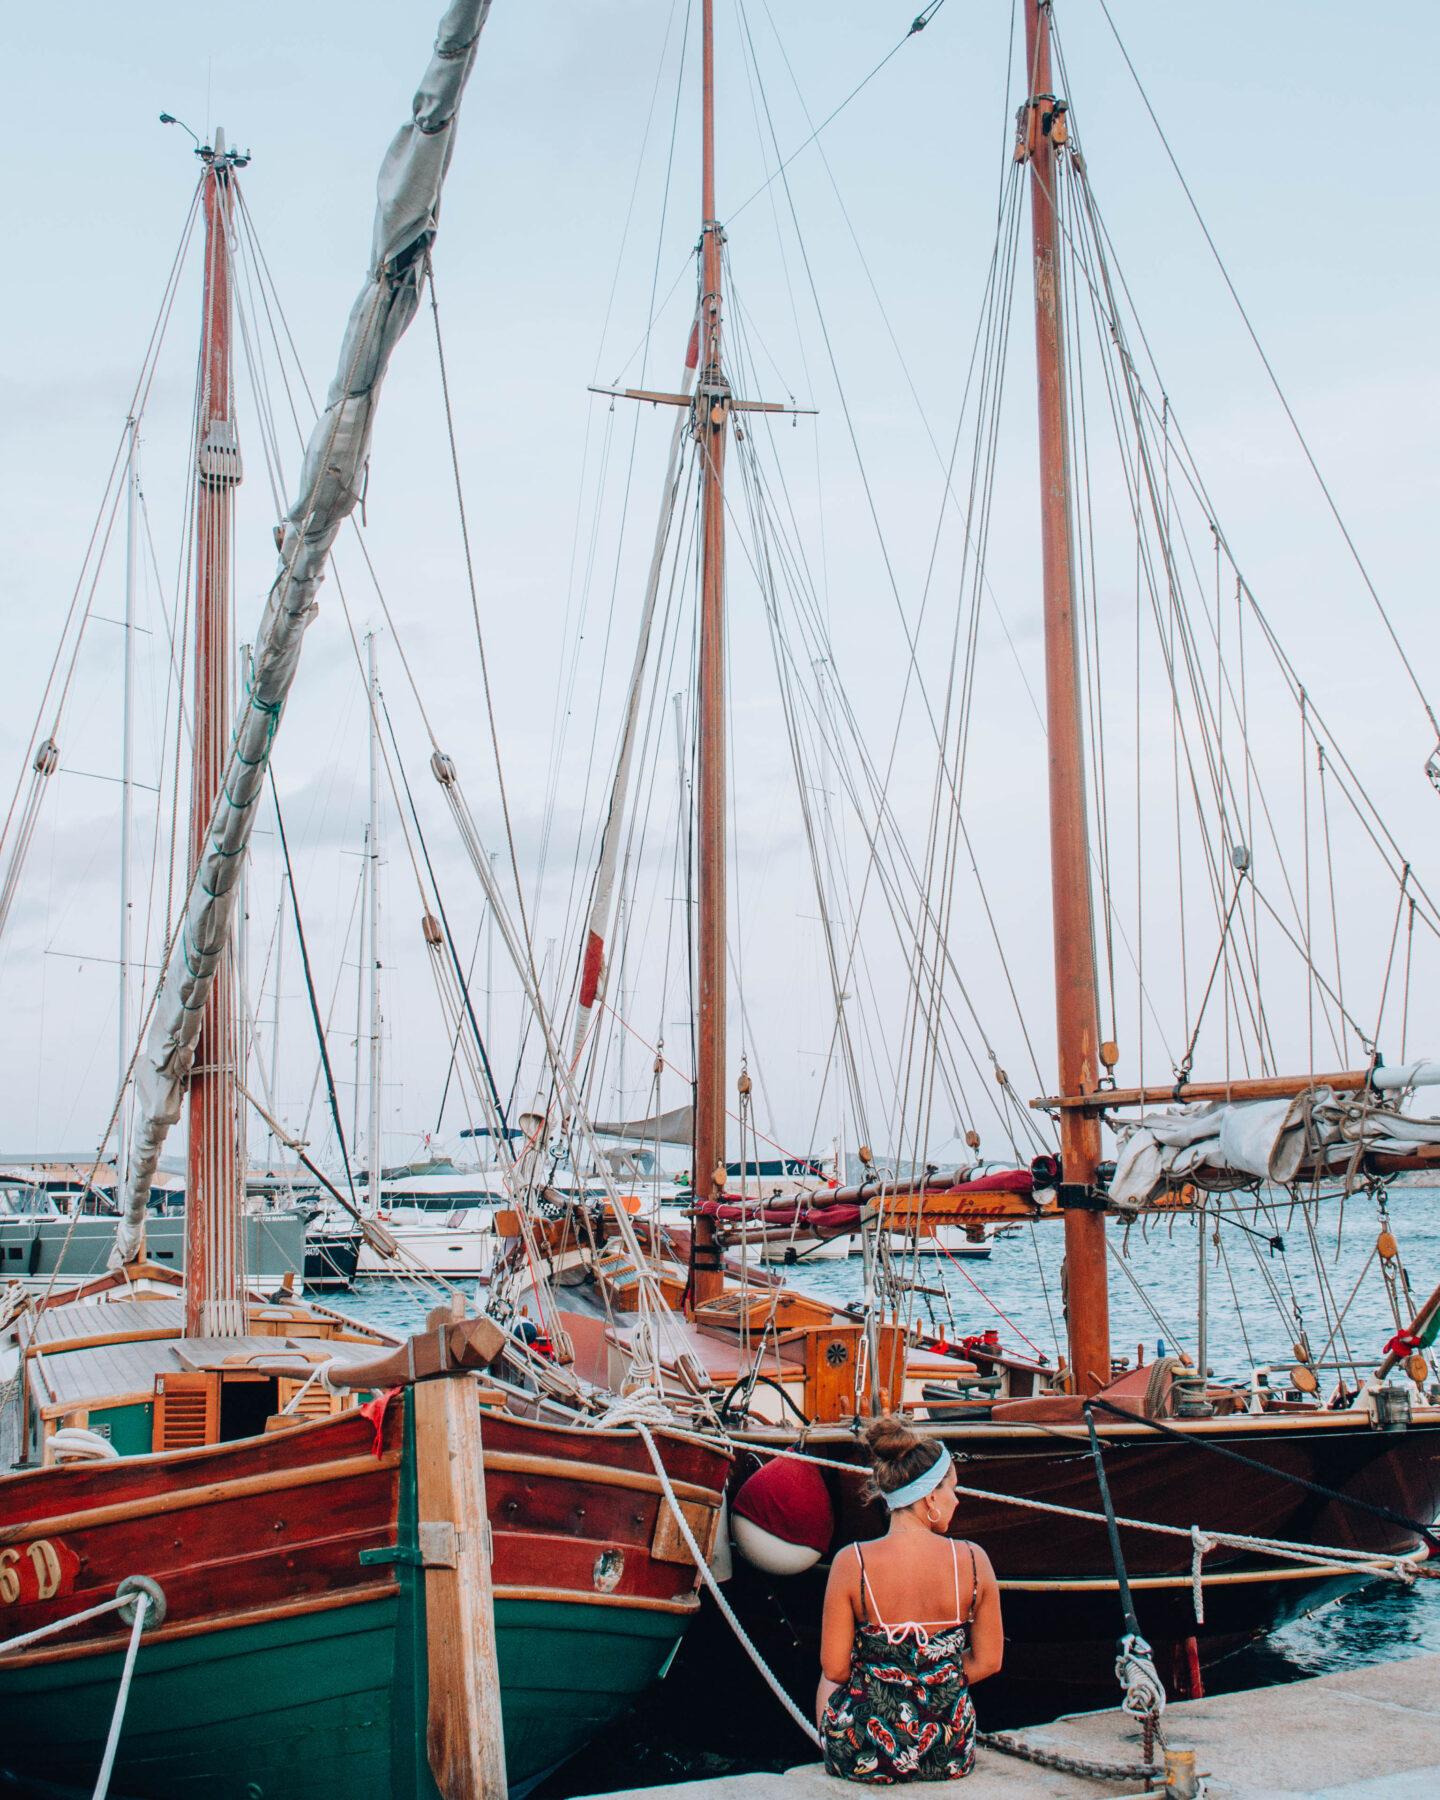 ragazza seduta di spalle davanti a barche a vela in legno